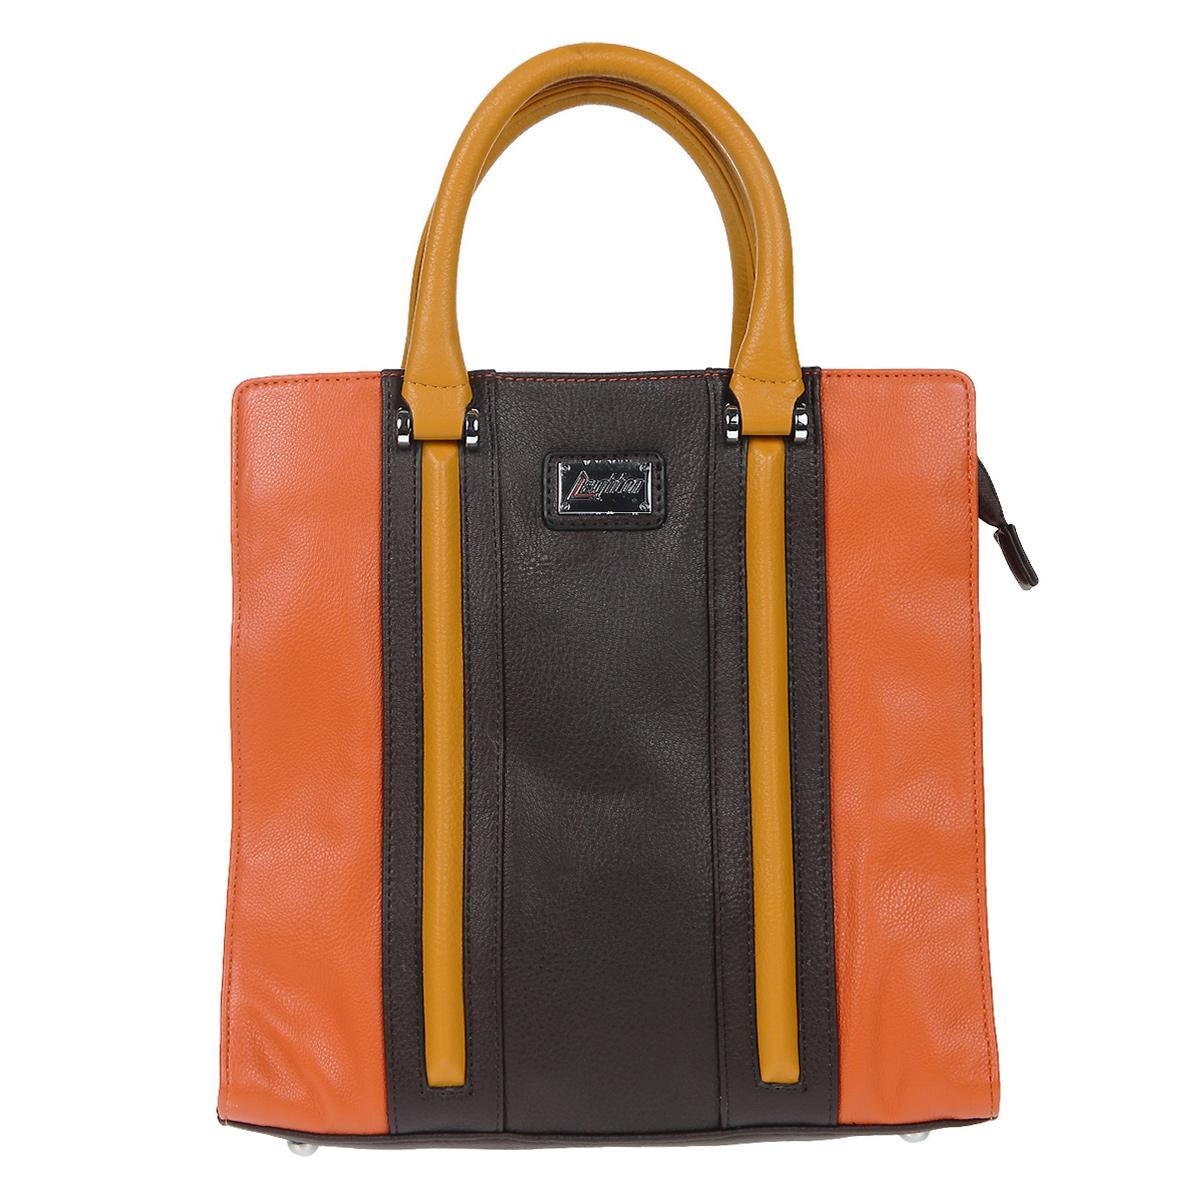 """Сумка женская Leighton, цвет: оранжевый, коричневый. 570519-149570519-149/19/149/20/149Стильная сумка Leighton выполнена из искусственной кожи в оранжево-коричневой цветовой гамме и оформлена декоративной отстрочкой. Сумка имеет одно вместительное отделение, закрывающееся на застежку-молнию. Внутри - смежный карман на молнии, два накладных кармашка для мелочей и вшитый карман на молнии. На задней стенке сумки предусмотрен дополнительный карман на молнии. Сумка оснащена двумя ручками, в комплекте плечевой ремень. Дно защищено металлическими """"ножками"""". Фурнитура серебристого цвета. Модная сумка подчеркнет ваш яркий стиль и сделает образ модным и завершенным."""